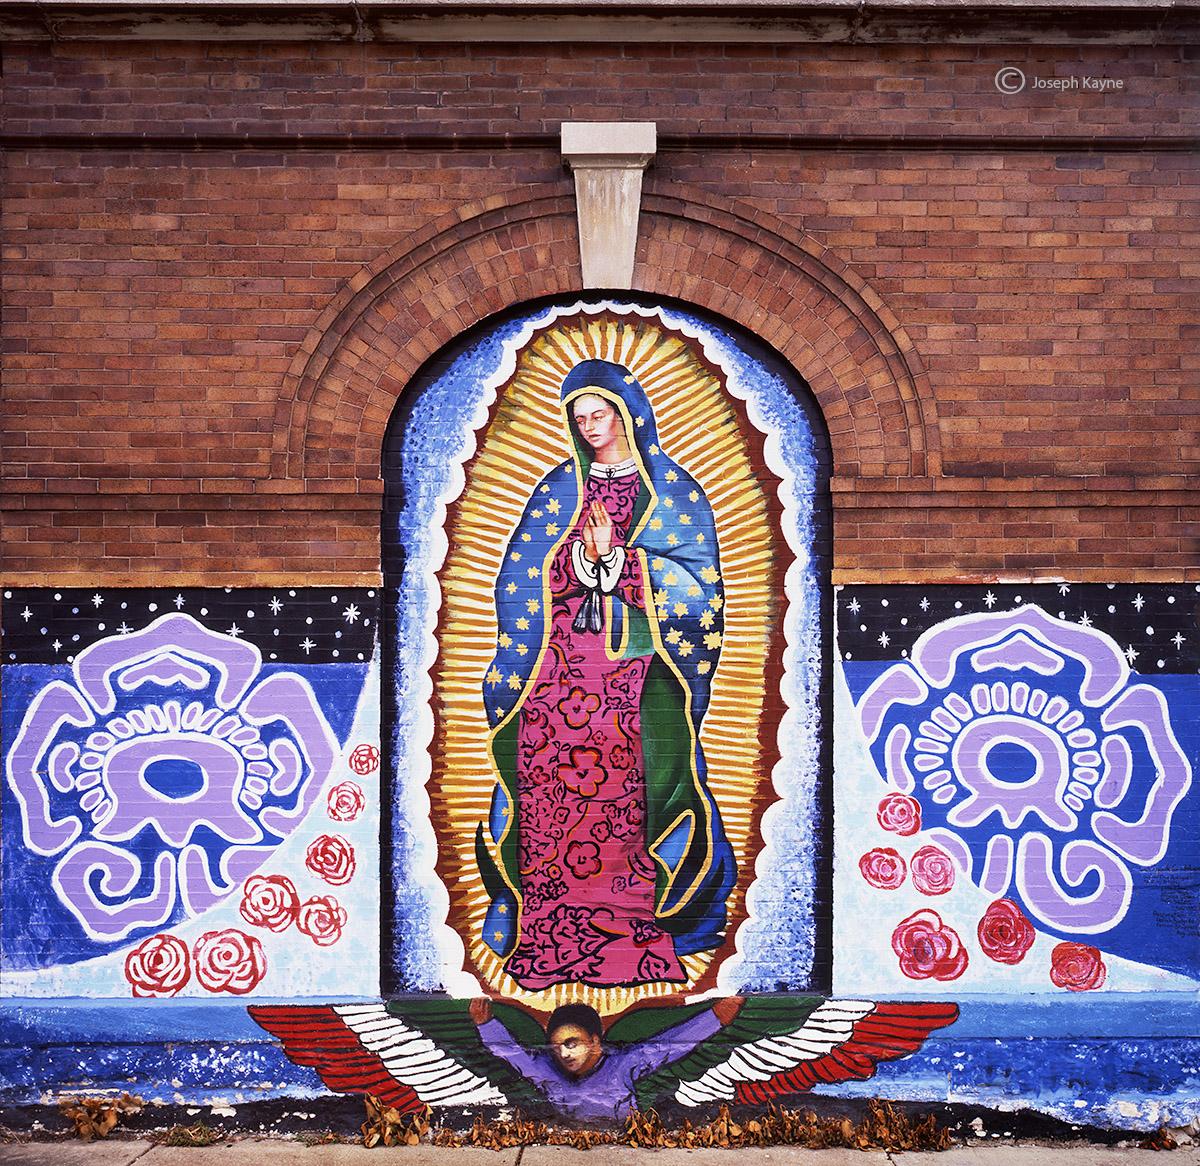 pilsen,guadalupe,chicago,street,art,mural, photo